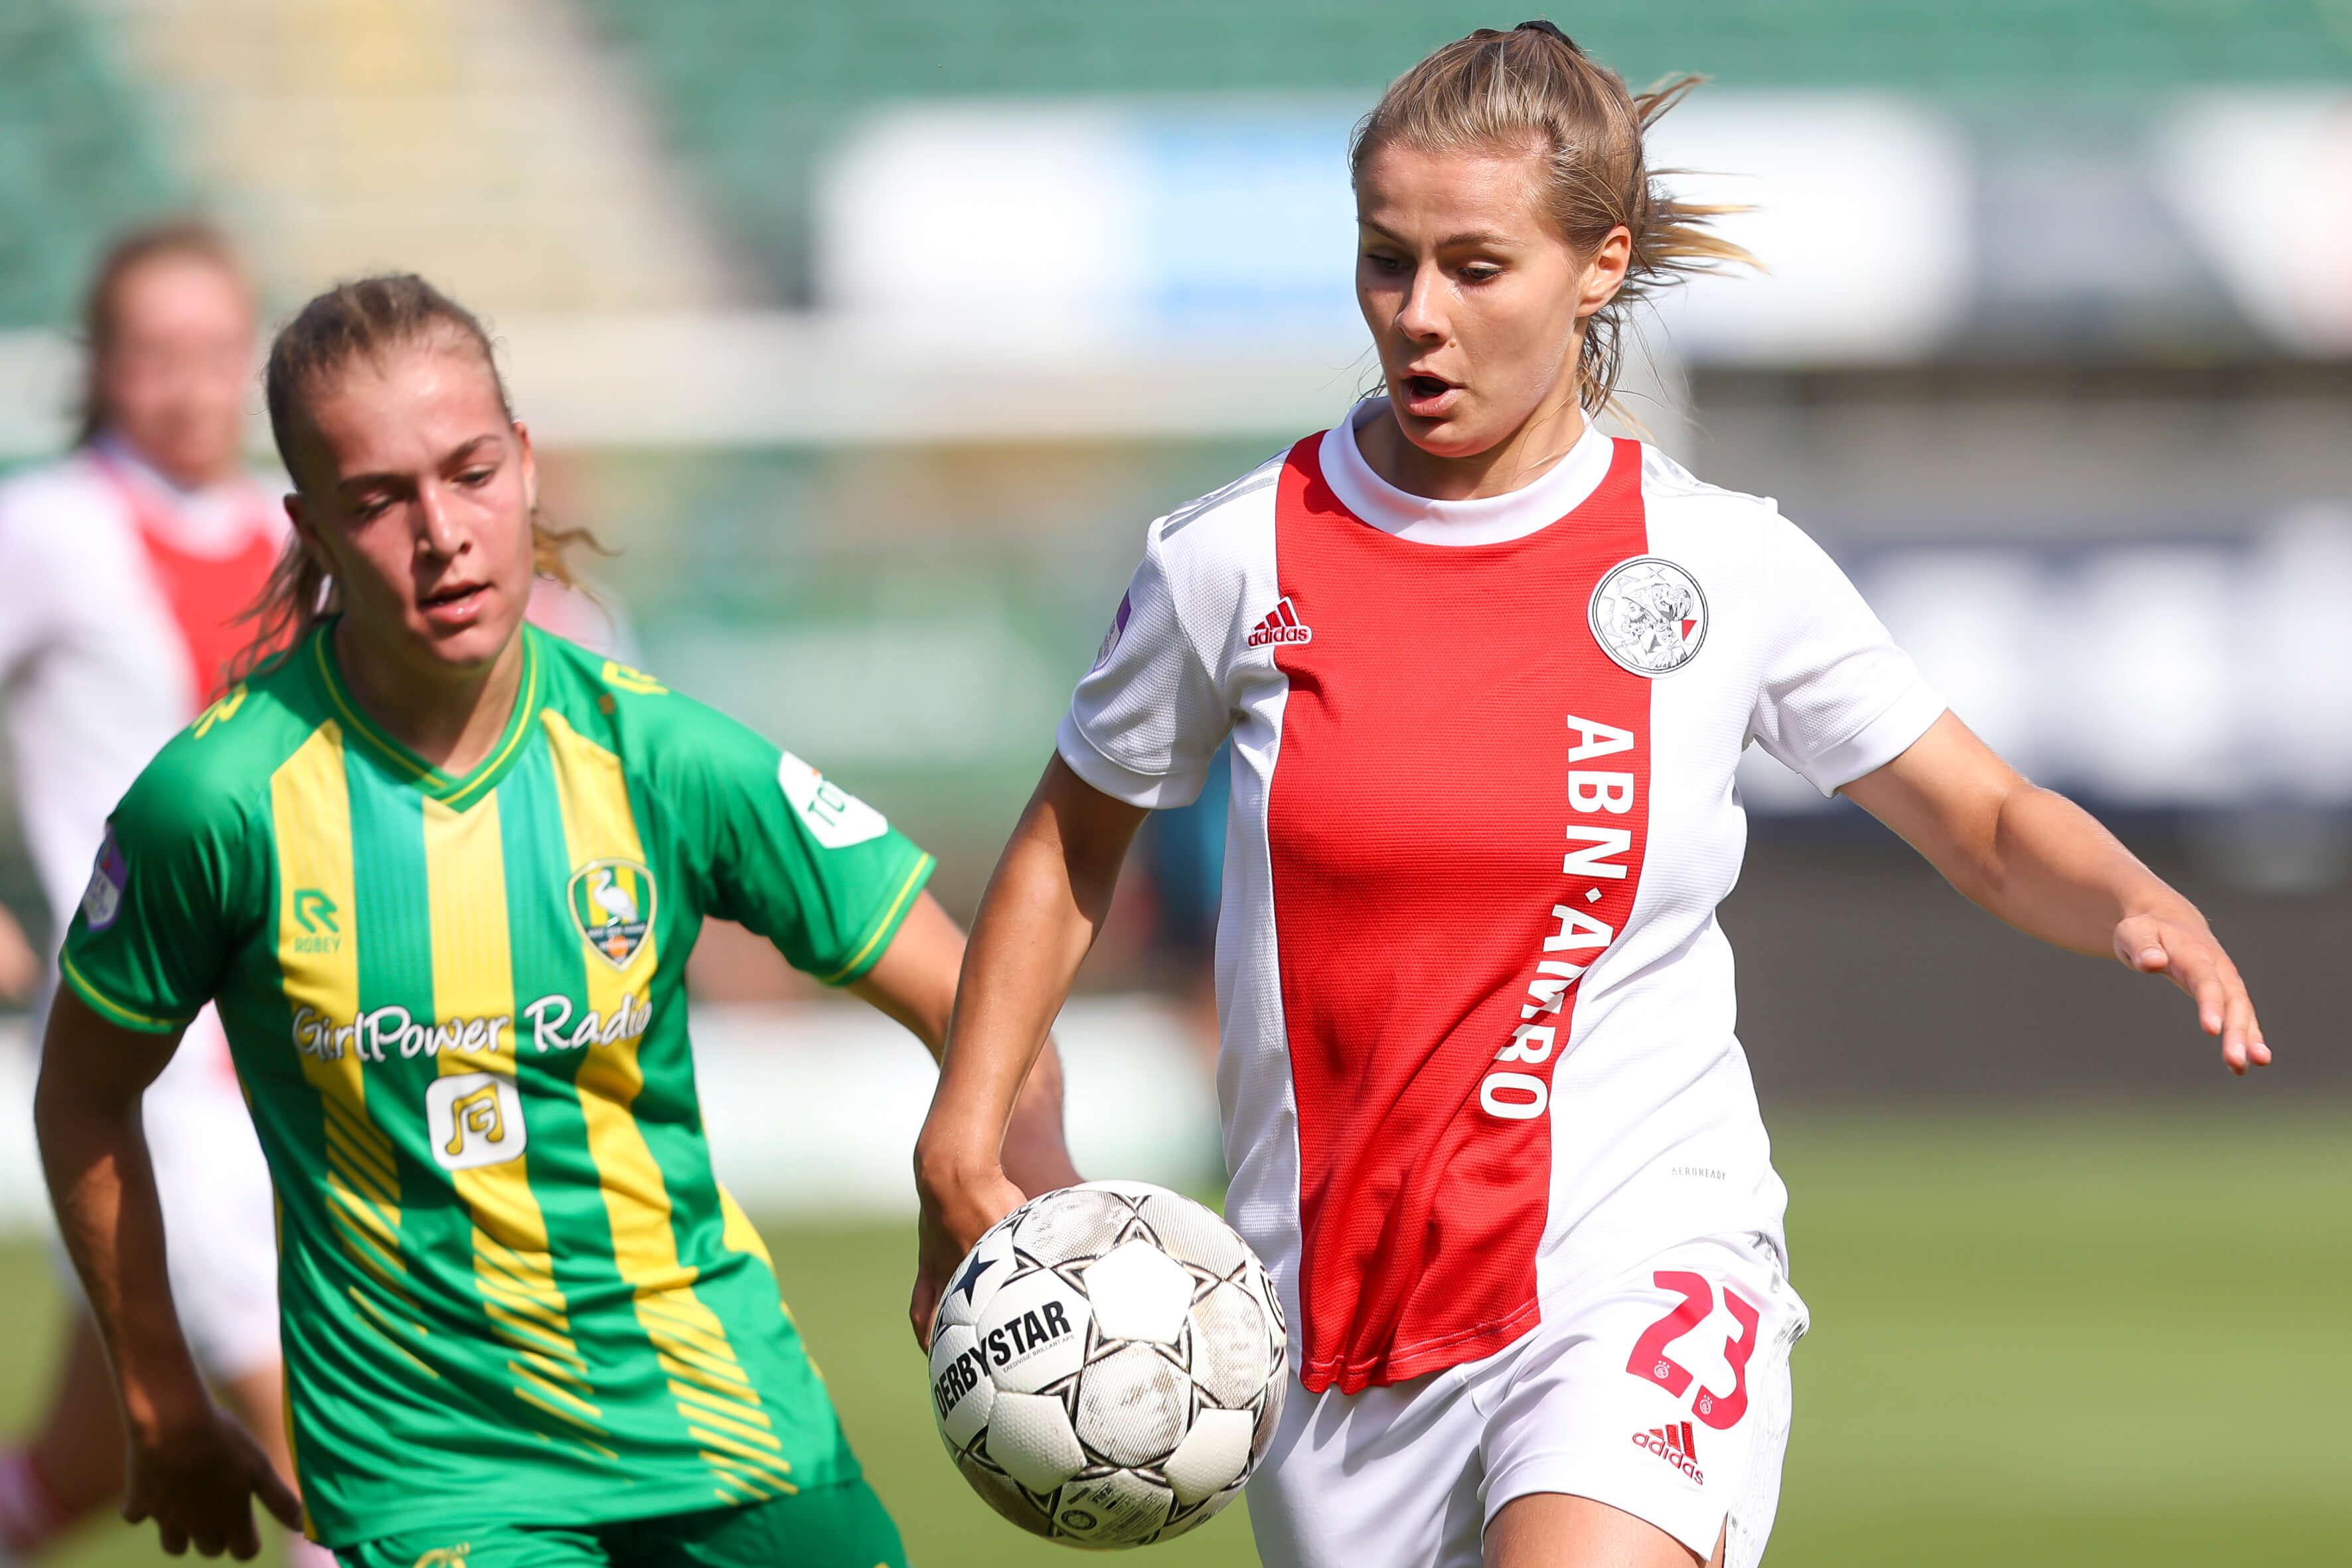 Doelpuntloos gelijkspel Ajax Vrouwen in Den Haag; image source: Pro Shots